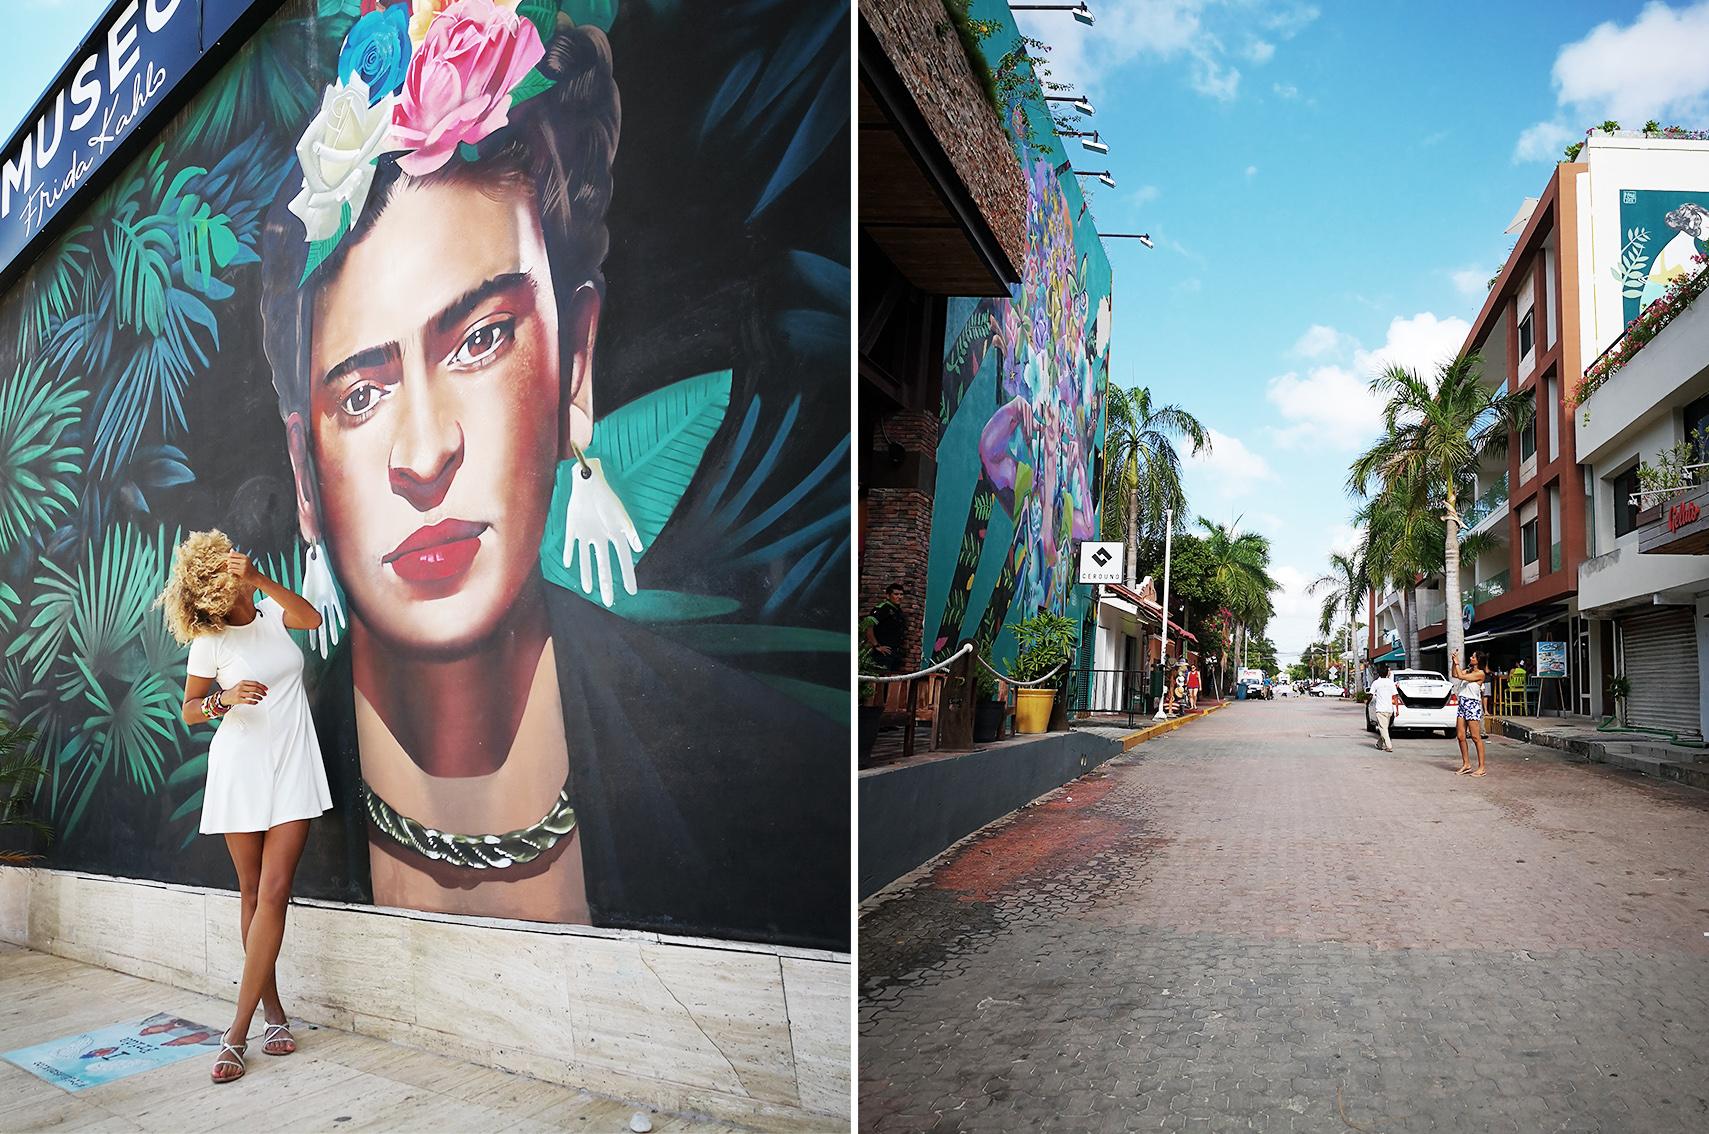 Quand partir Mexique : Playa del carmen, Frida kahlo